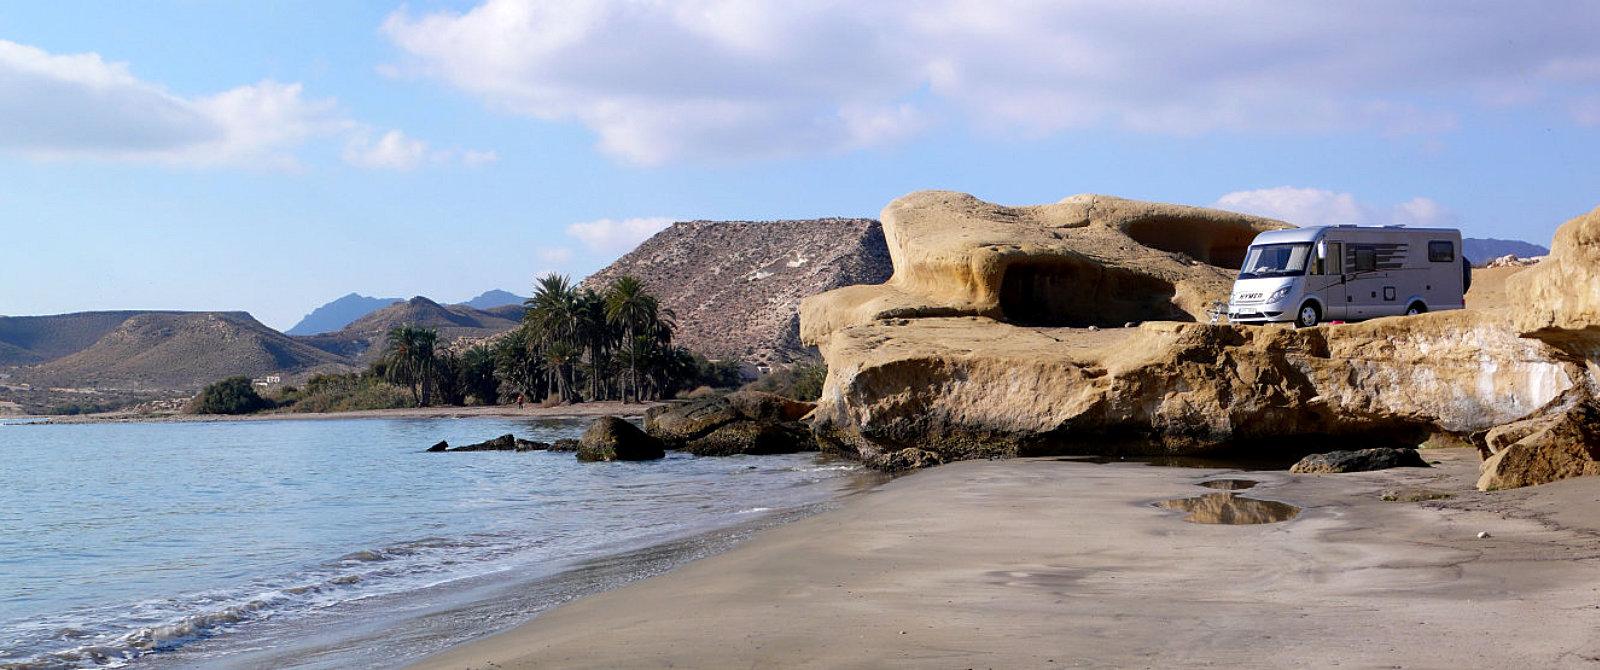 Sosta libera in camper sulla Playa de las Palmeras, ad Aguilas